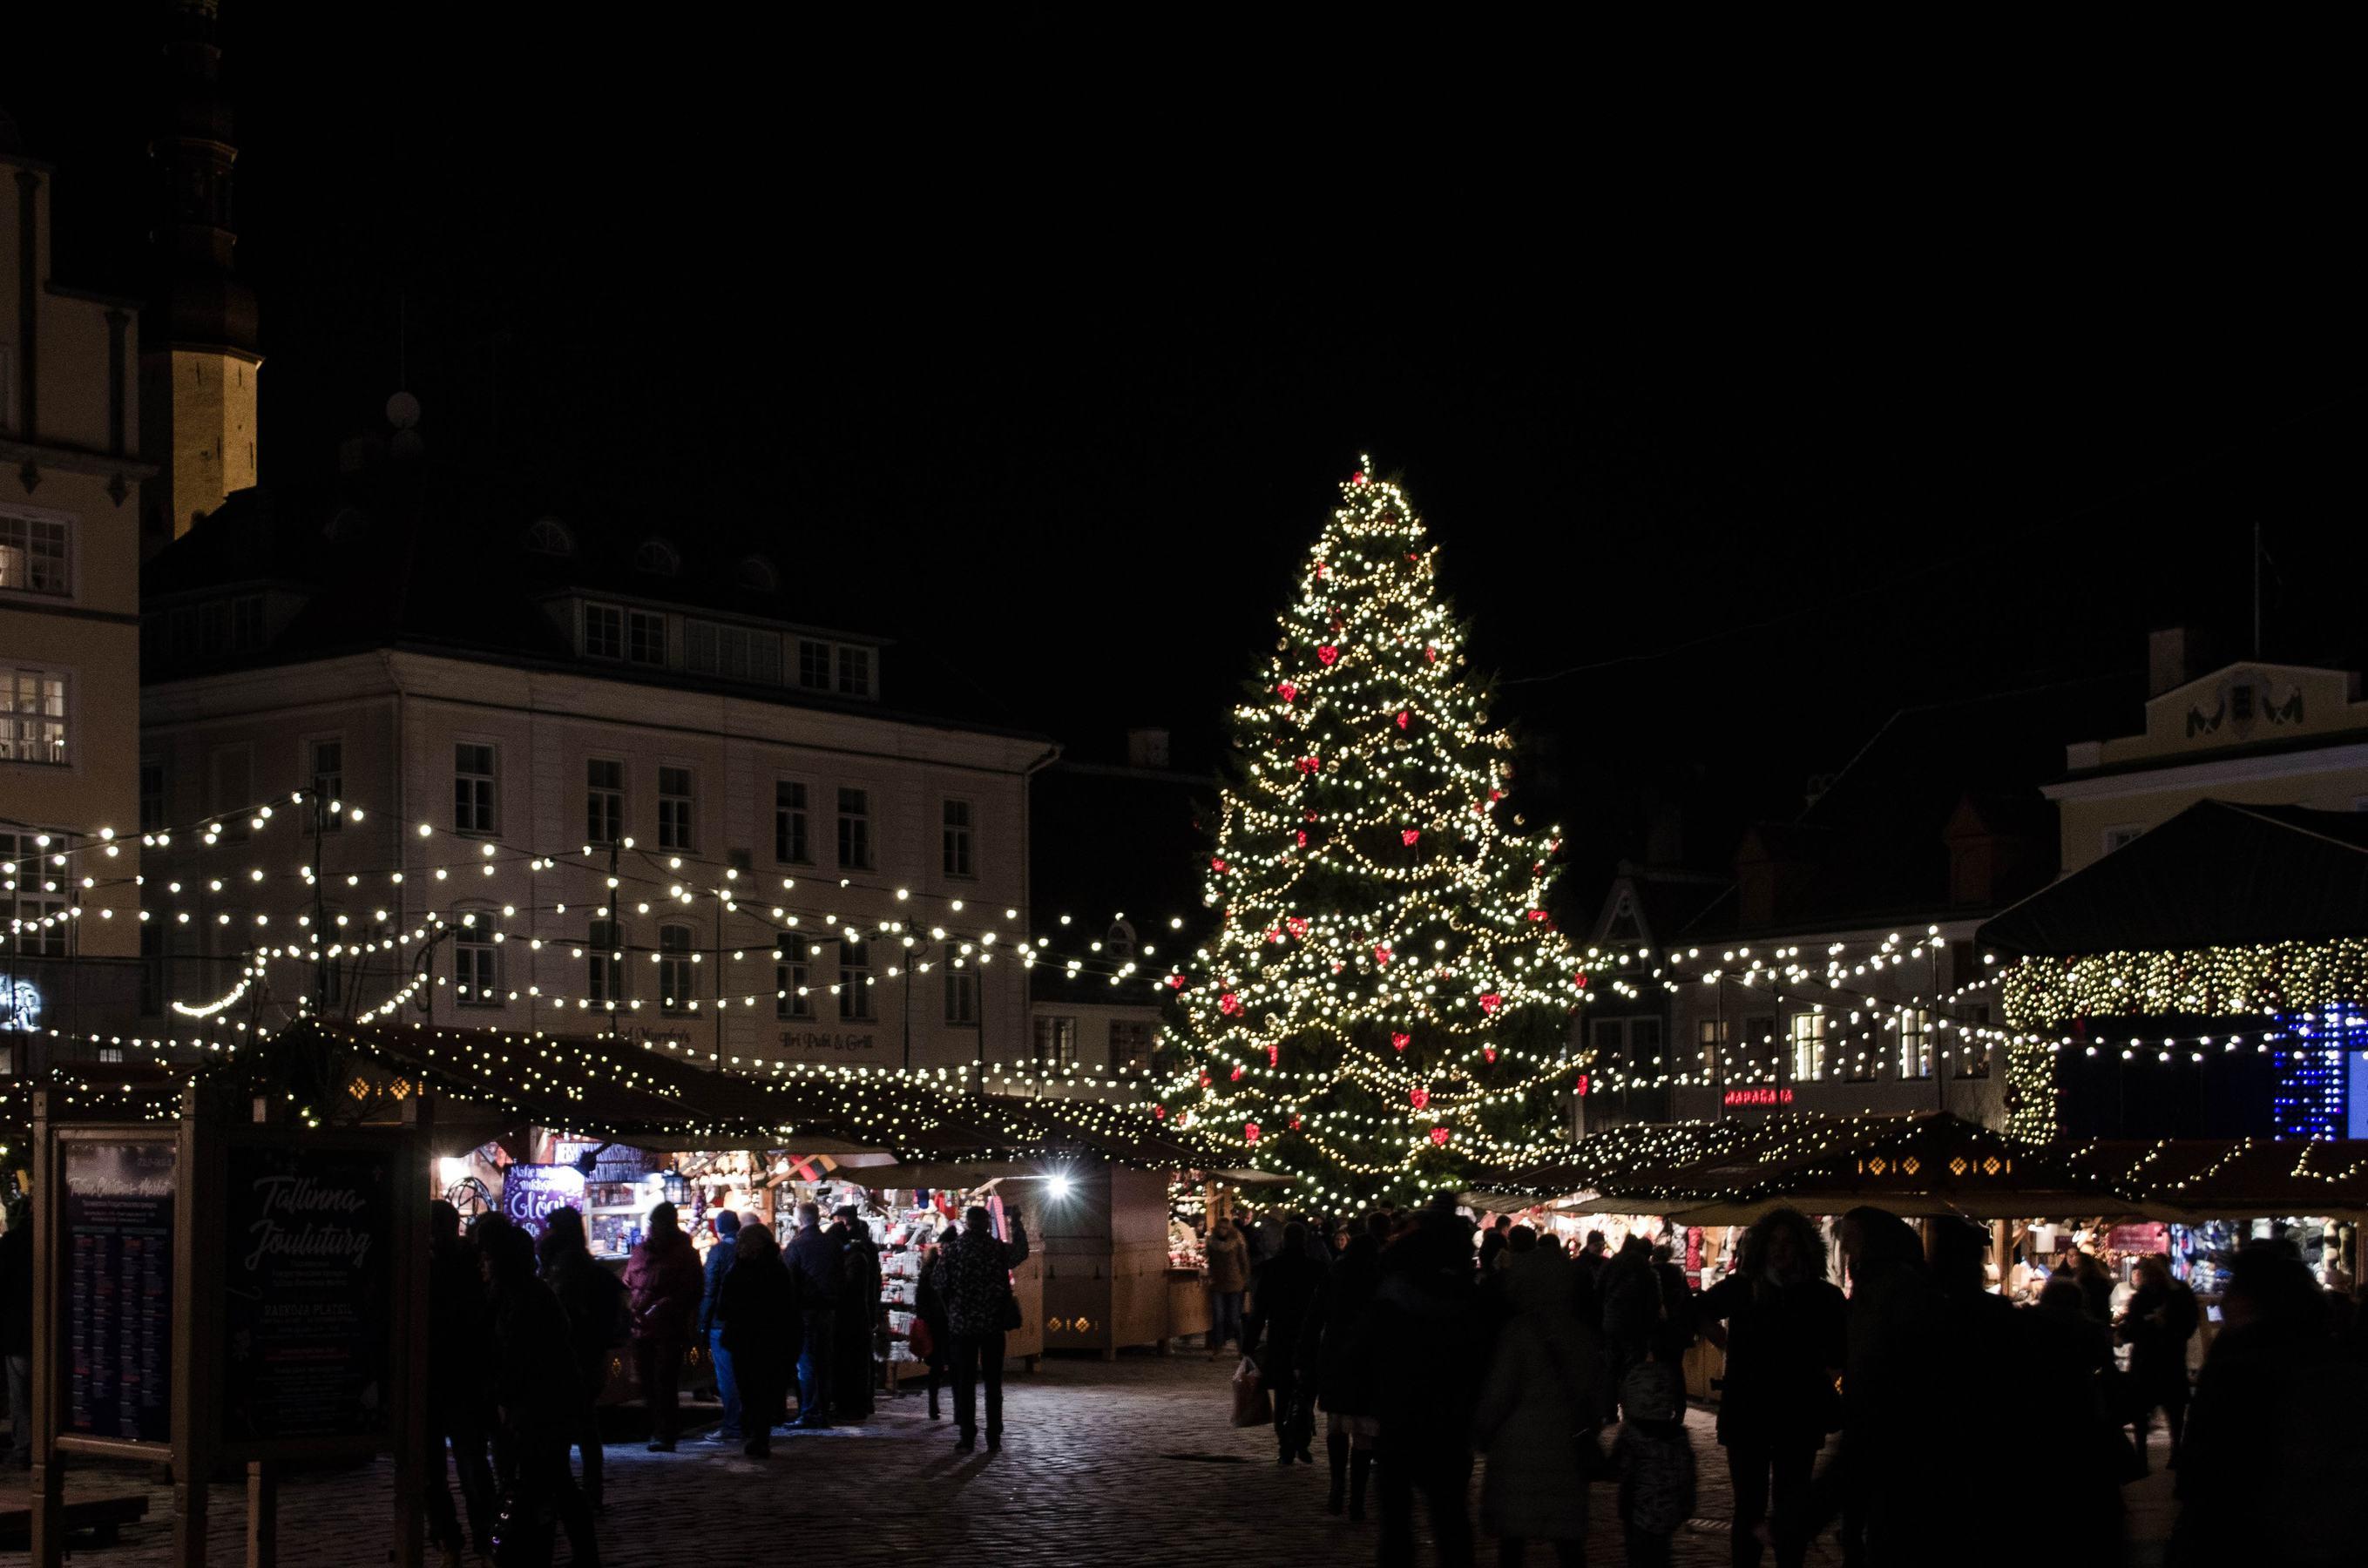 Weihnachtsmarkt am Rathausplatz in Tallinn